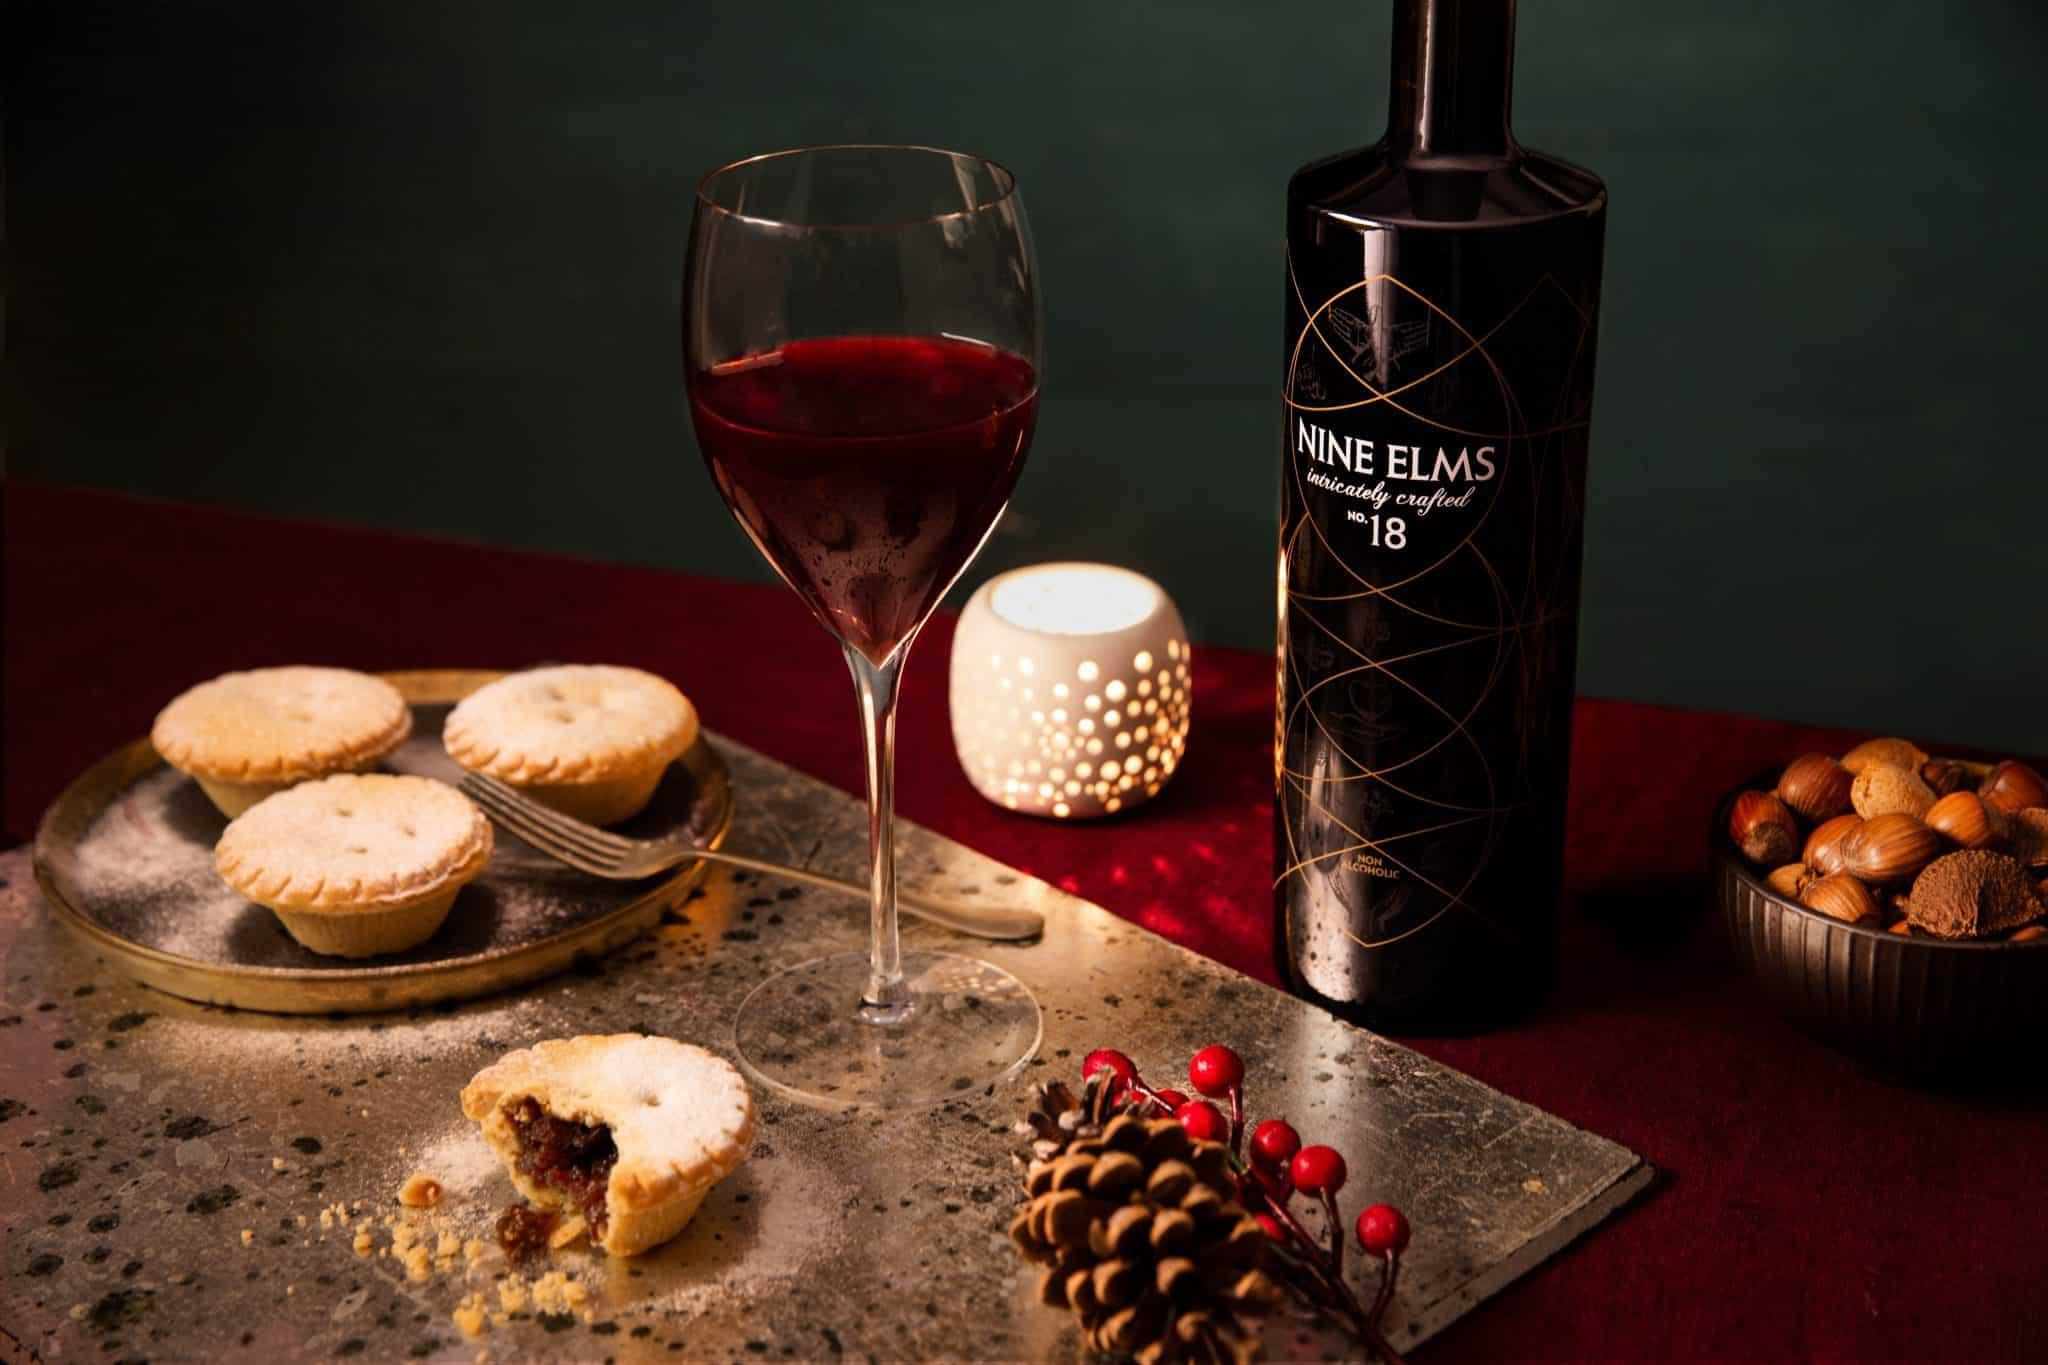 Nine Elms Food & Drink Christmas Gift Guide